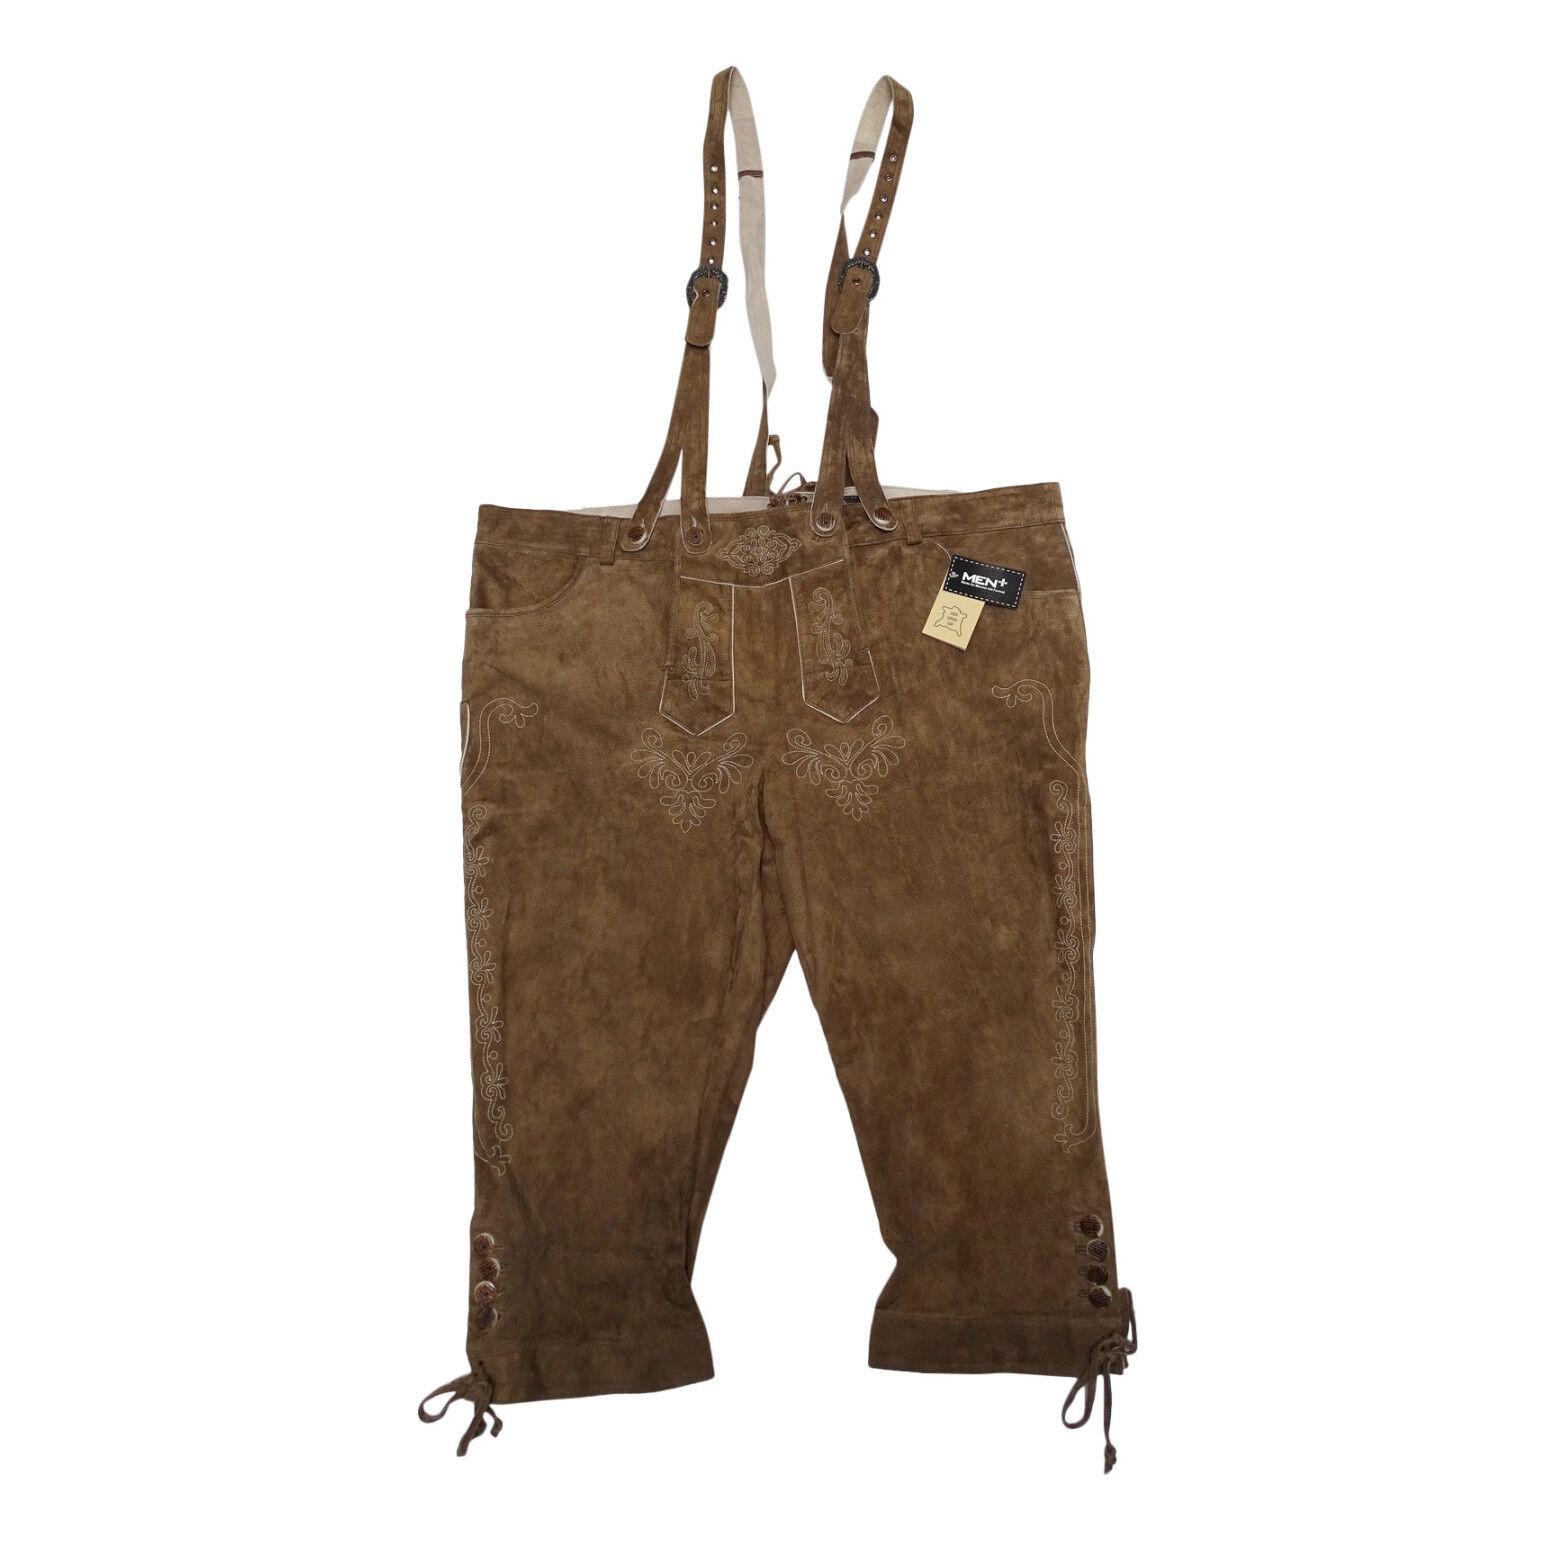 Nuovo Taglie Forti Cerco Uomini Pantaloni Porc di Gap Gap Gap Nero Gr.70 72 74 Marronee 2cc009